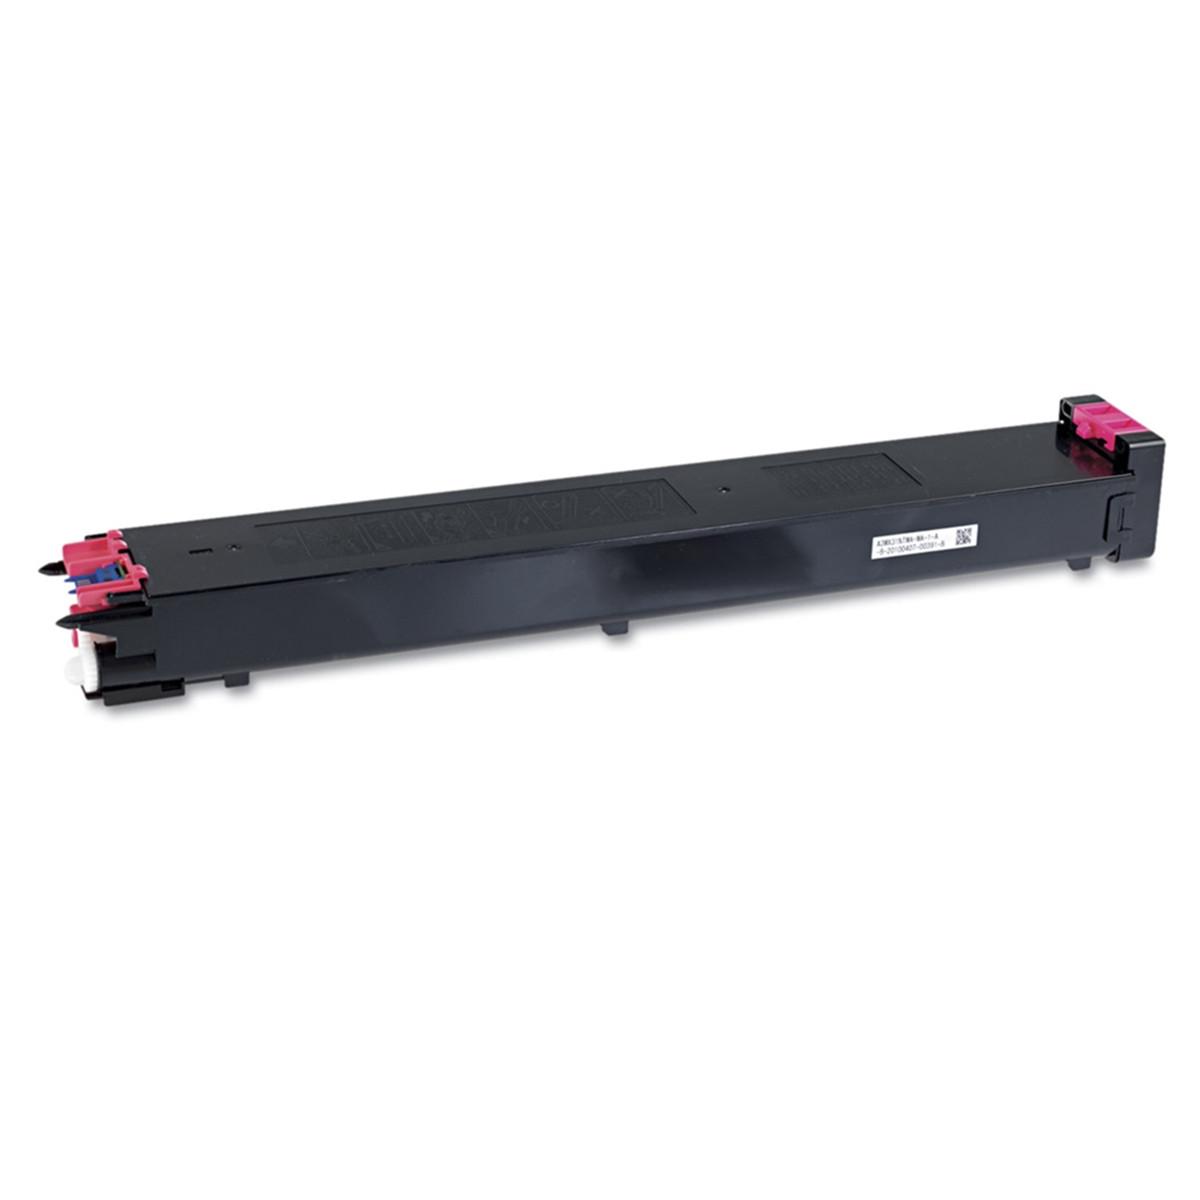 Toner Sharp MX-31NTMA Magenta | MX2600 MX3100 MX4100 MX4101 MX5001 | Katun Performance 285g